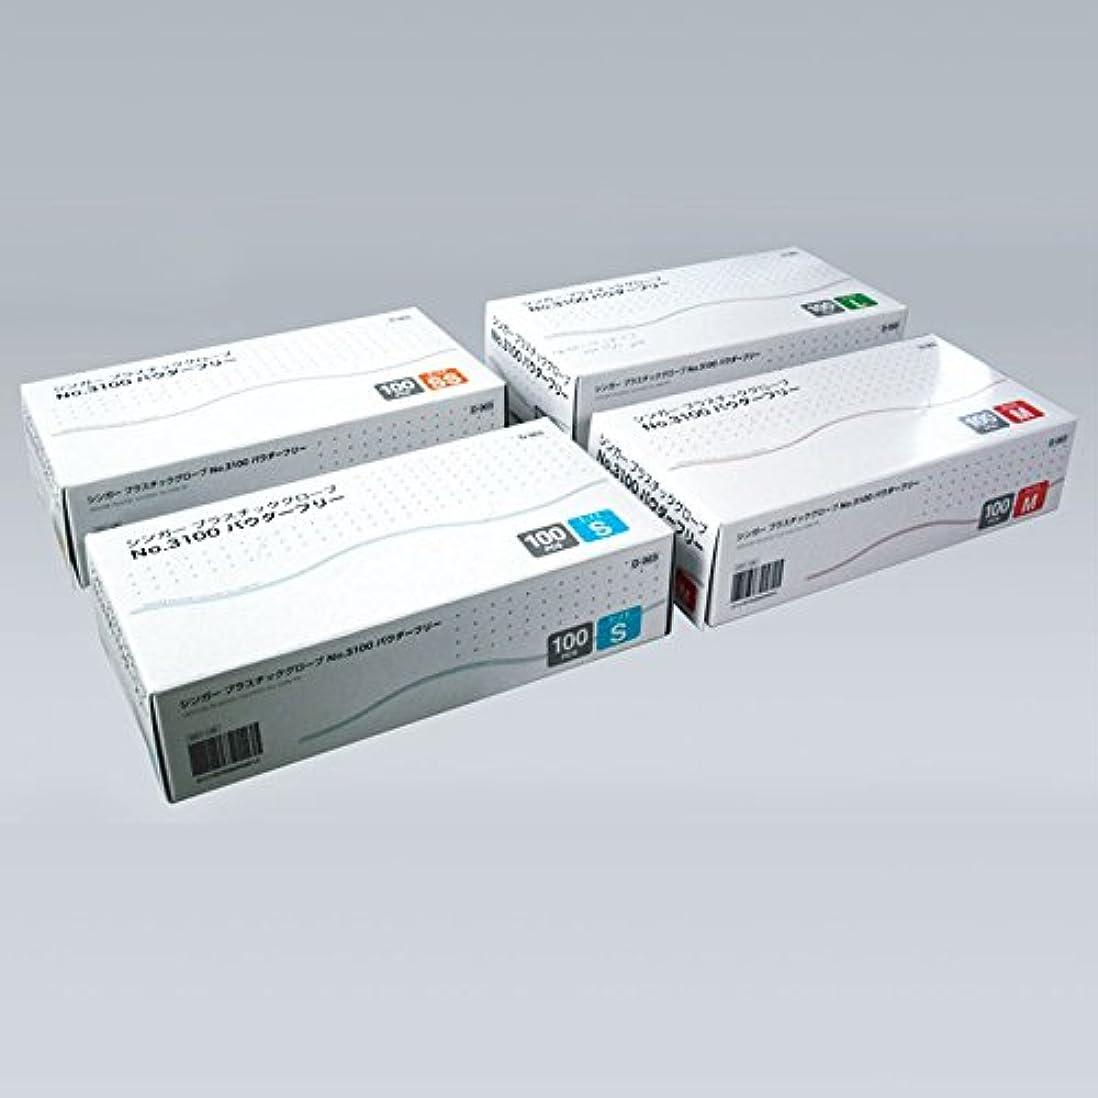 のど滑り台不変シンガープラスチックグローブNo3100 パウダーフリー1000枚 (100枚入り×10箱) (L)